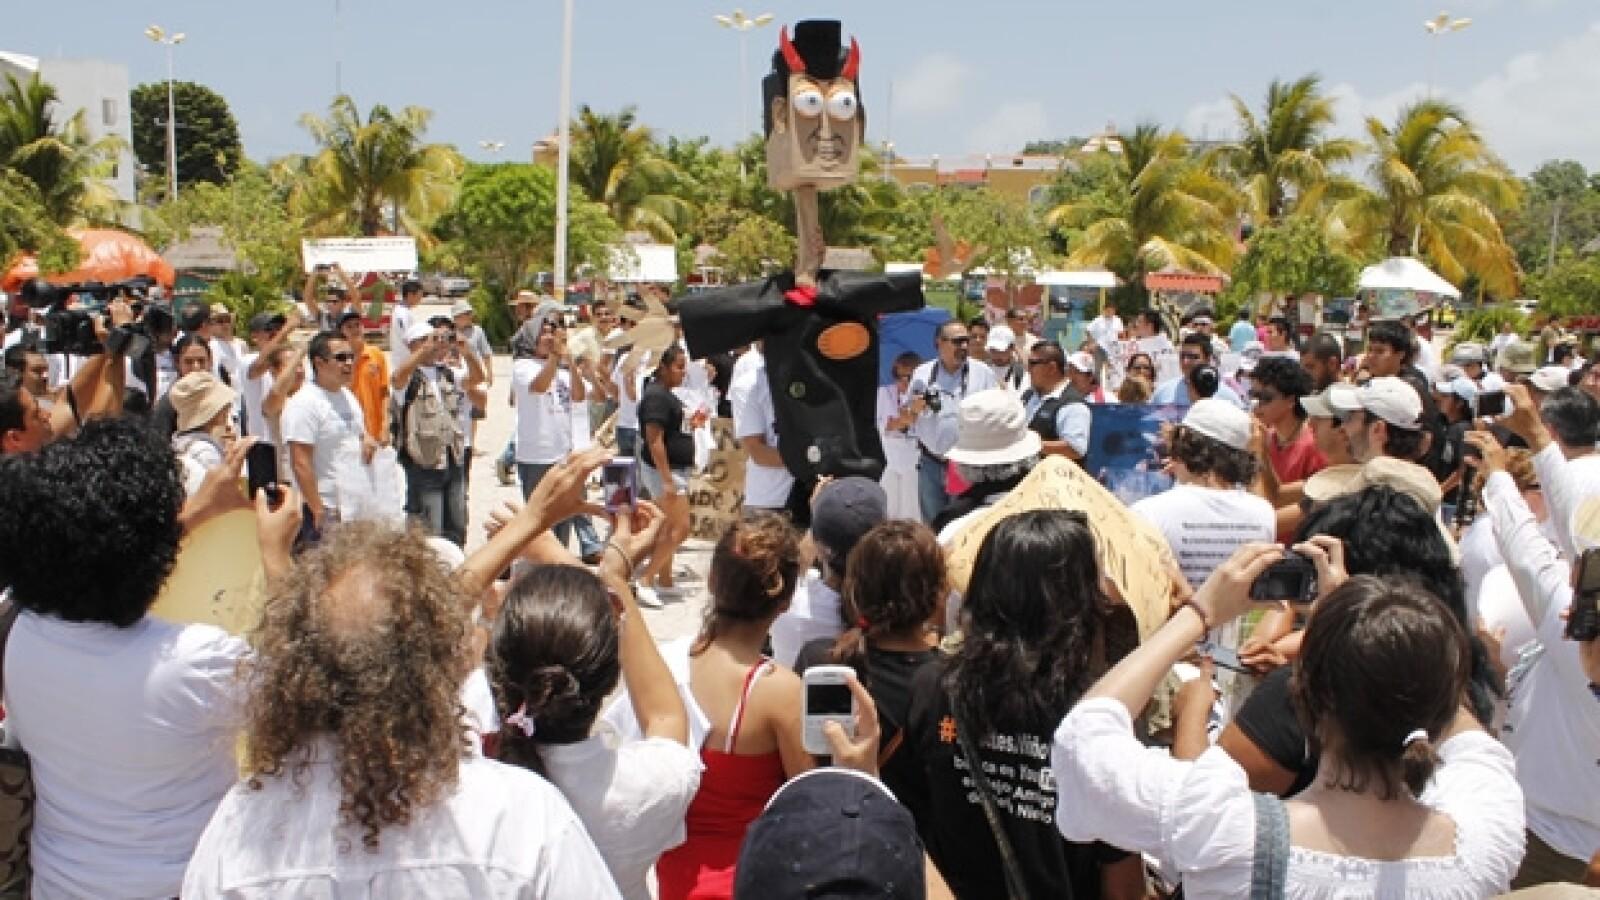 marcha anti peña nieto en cancún